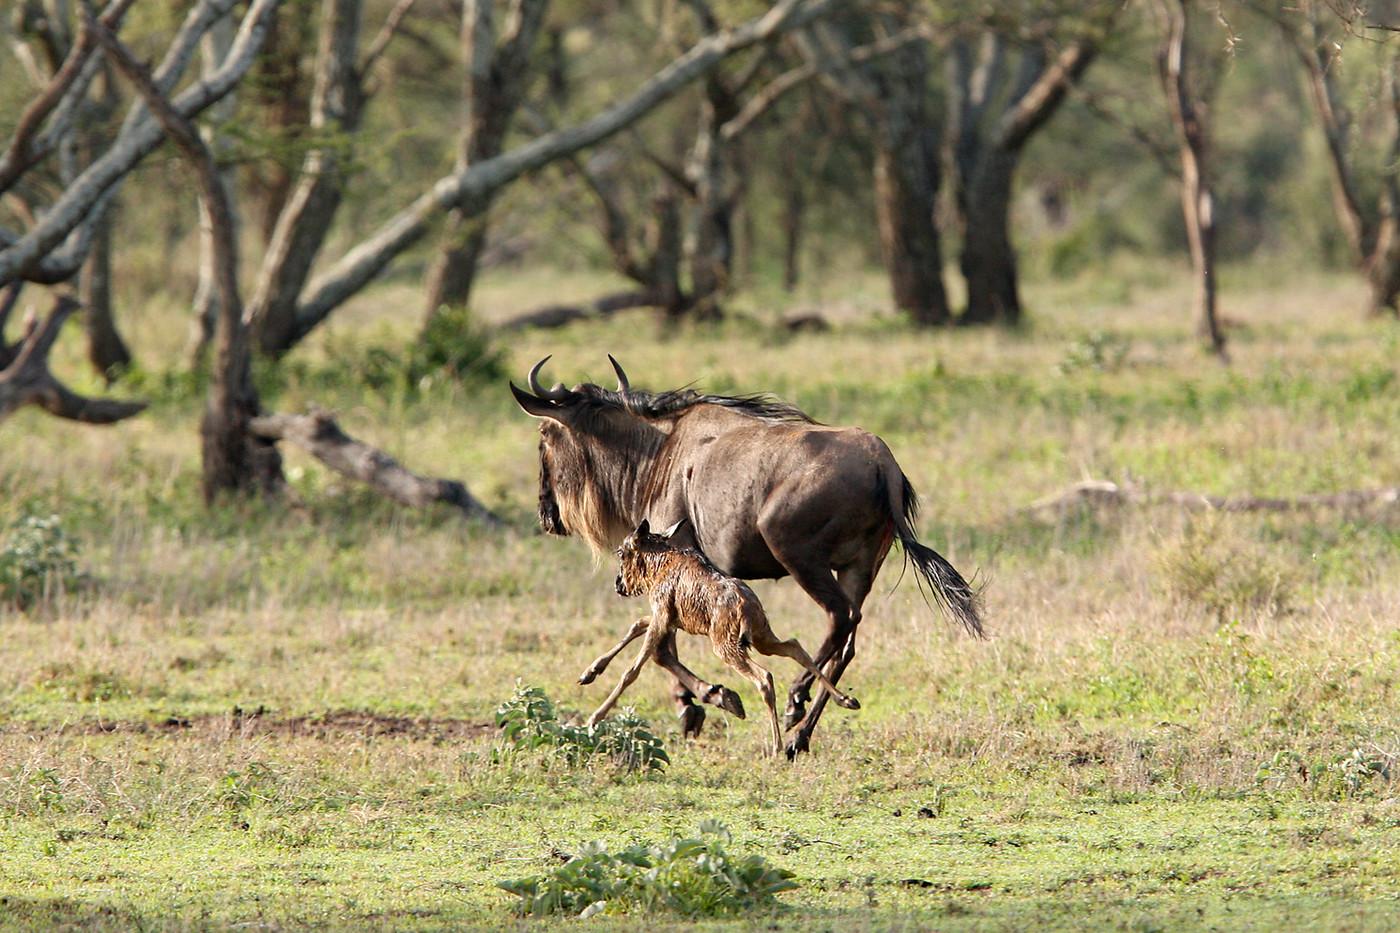 Newborn Wildebeest & foal in Maswa Game Reserve, Tanzania